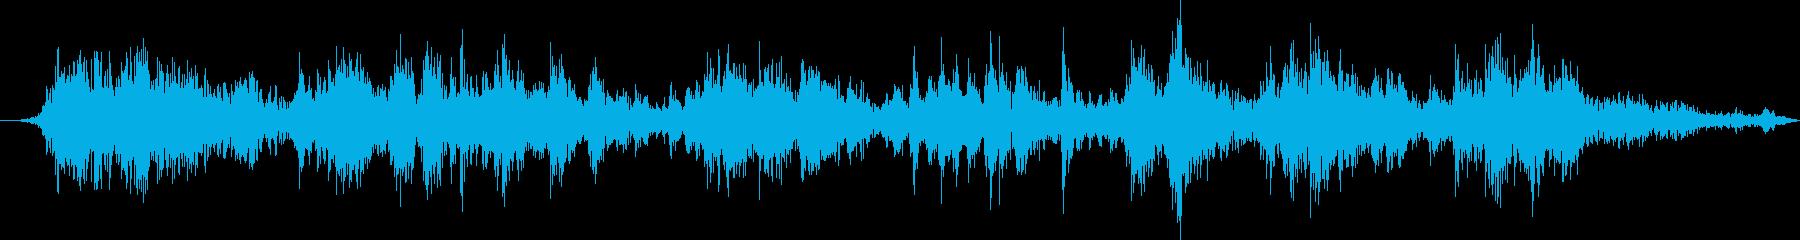 ピアノ:サウンドボードの弦の擦り傷...の再生済みの波形